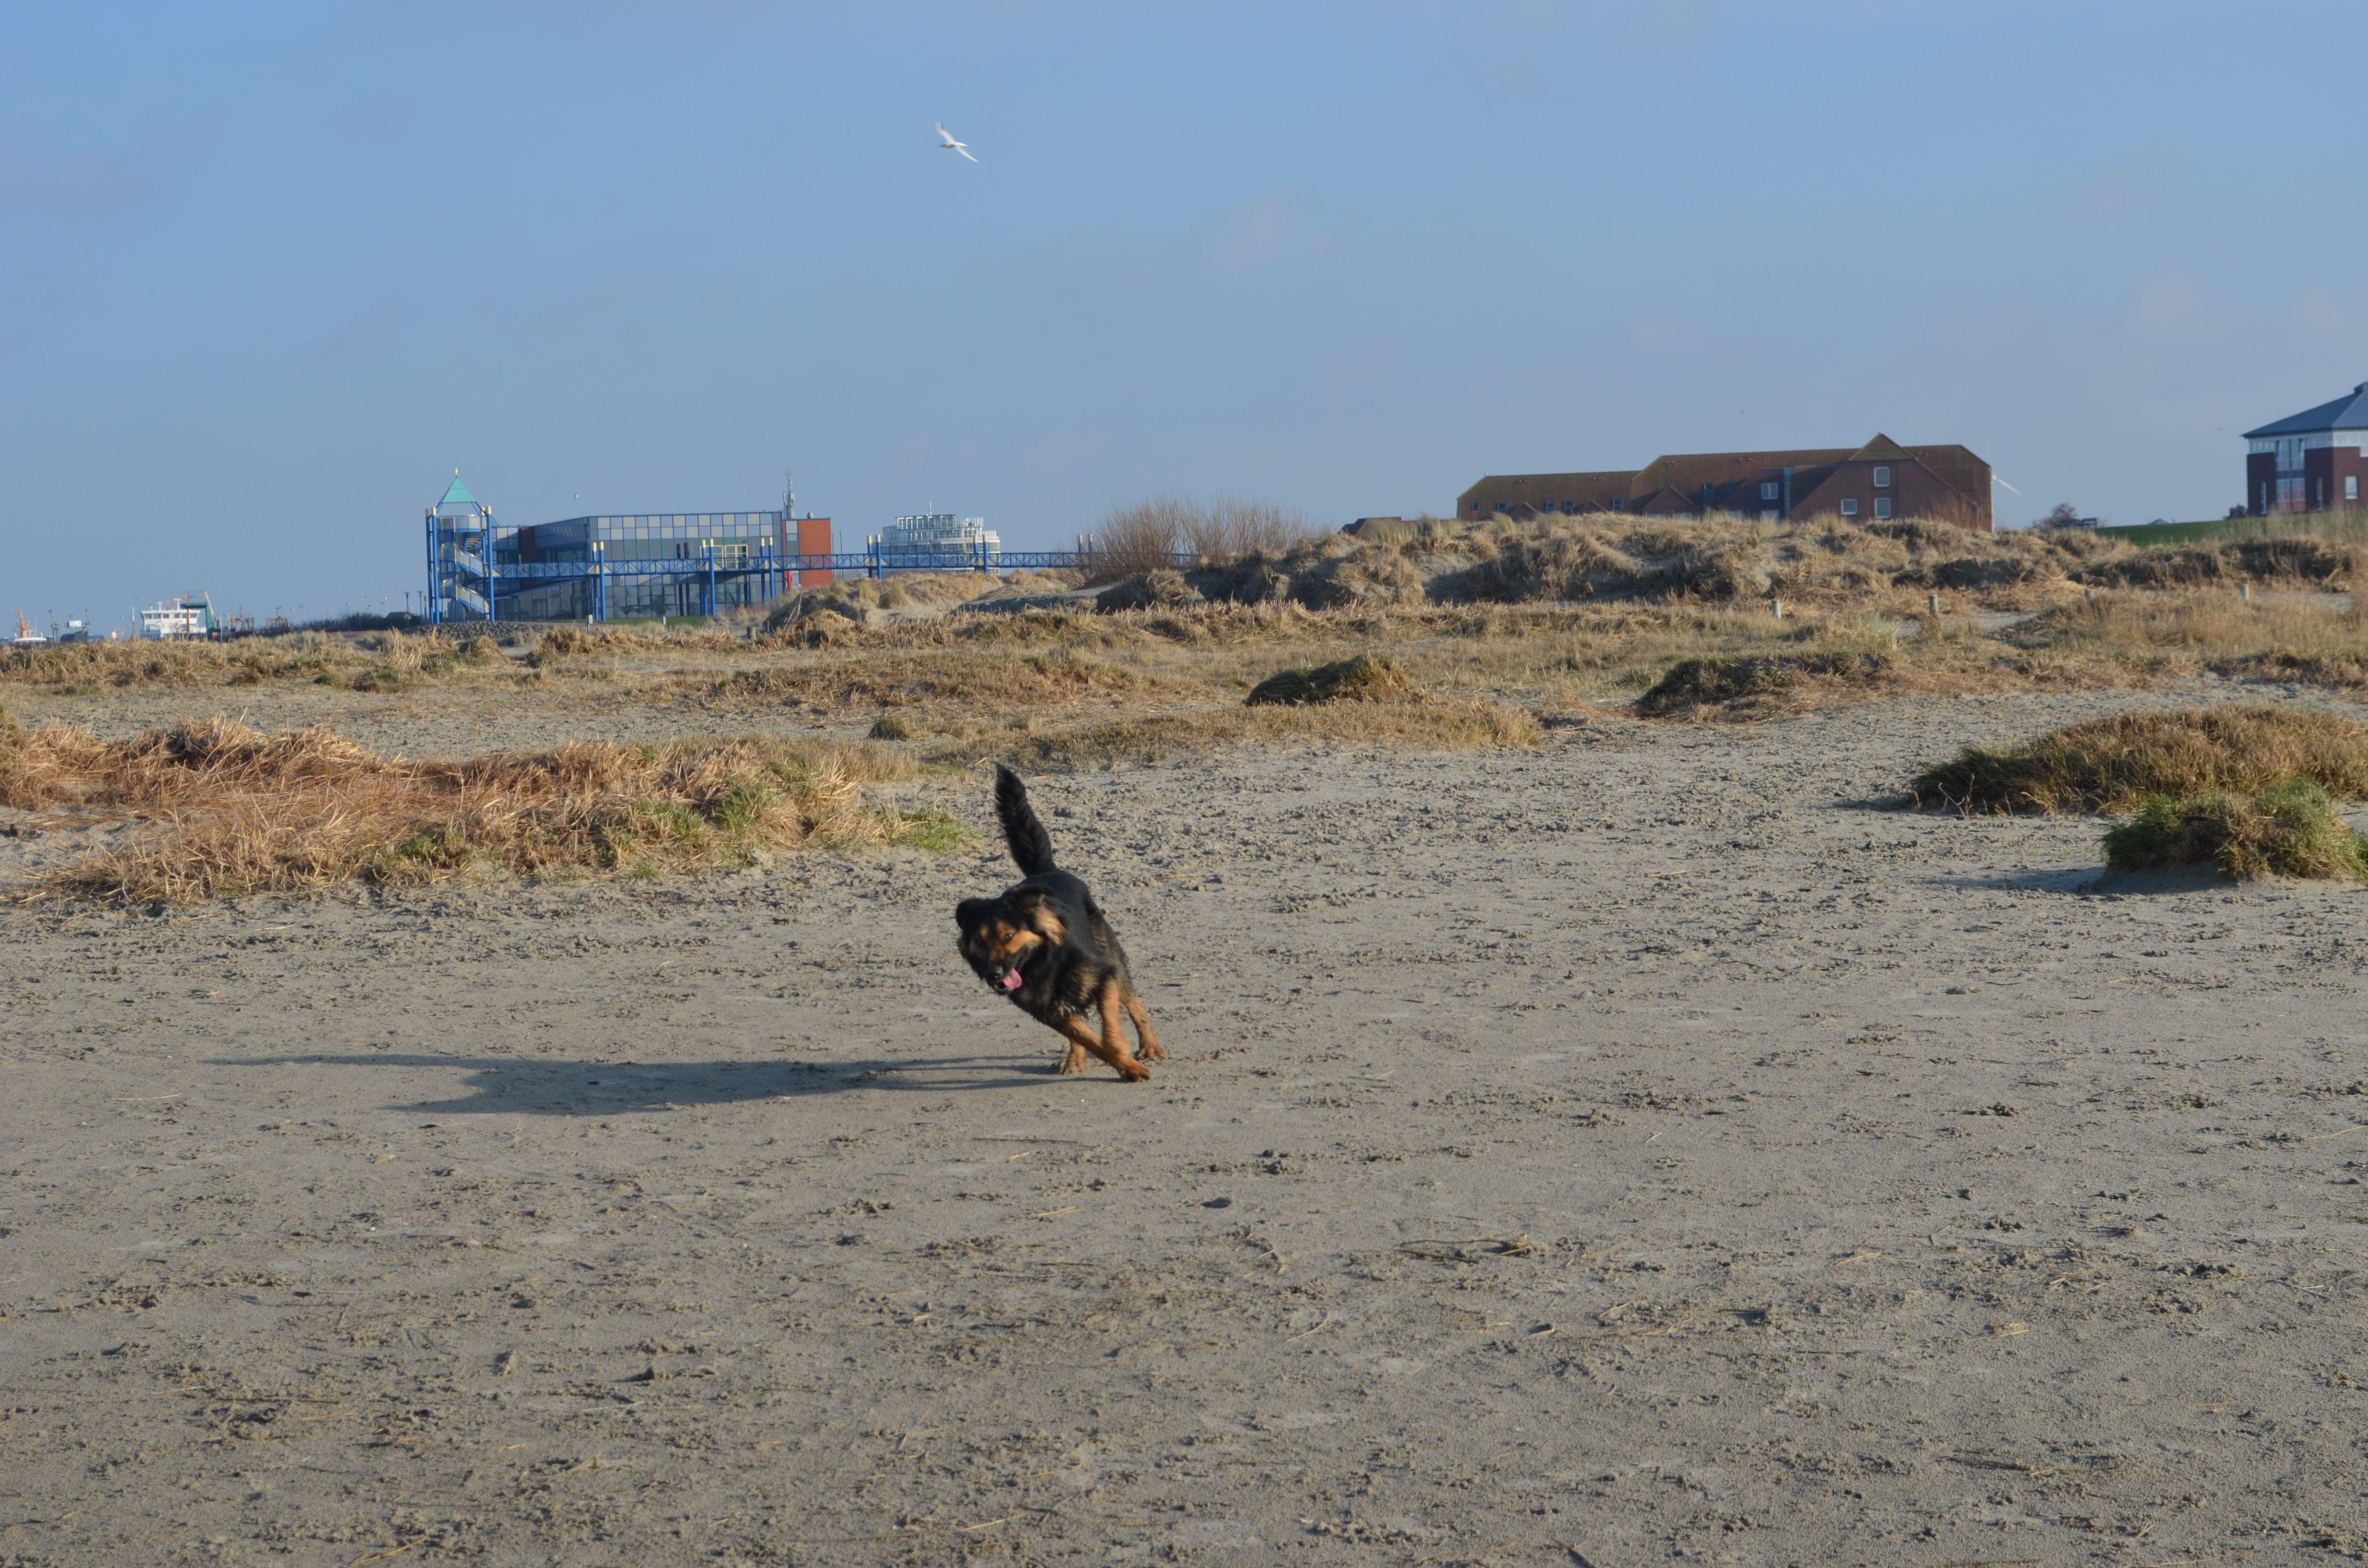 Da Lacht Das Hundeherz Am Hundestrand Von Norddeich Konnen Sich Vierbeiner Richtig Austoben Hundestrand Hunde Urlaub Mit Hund